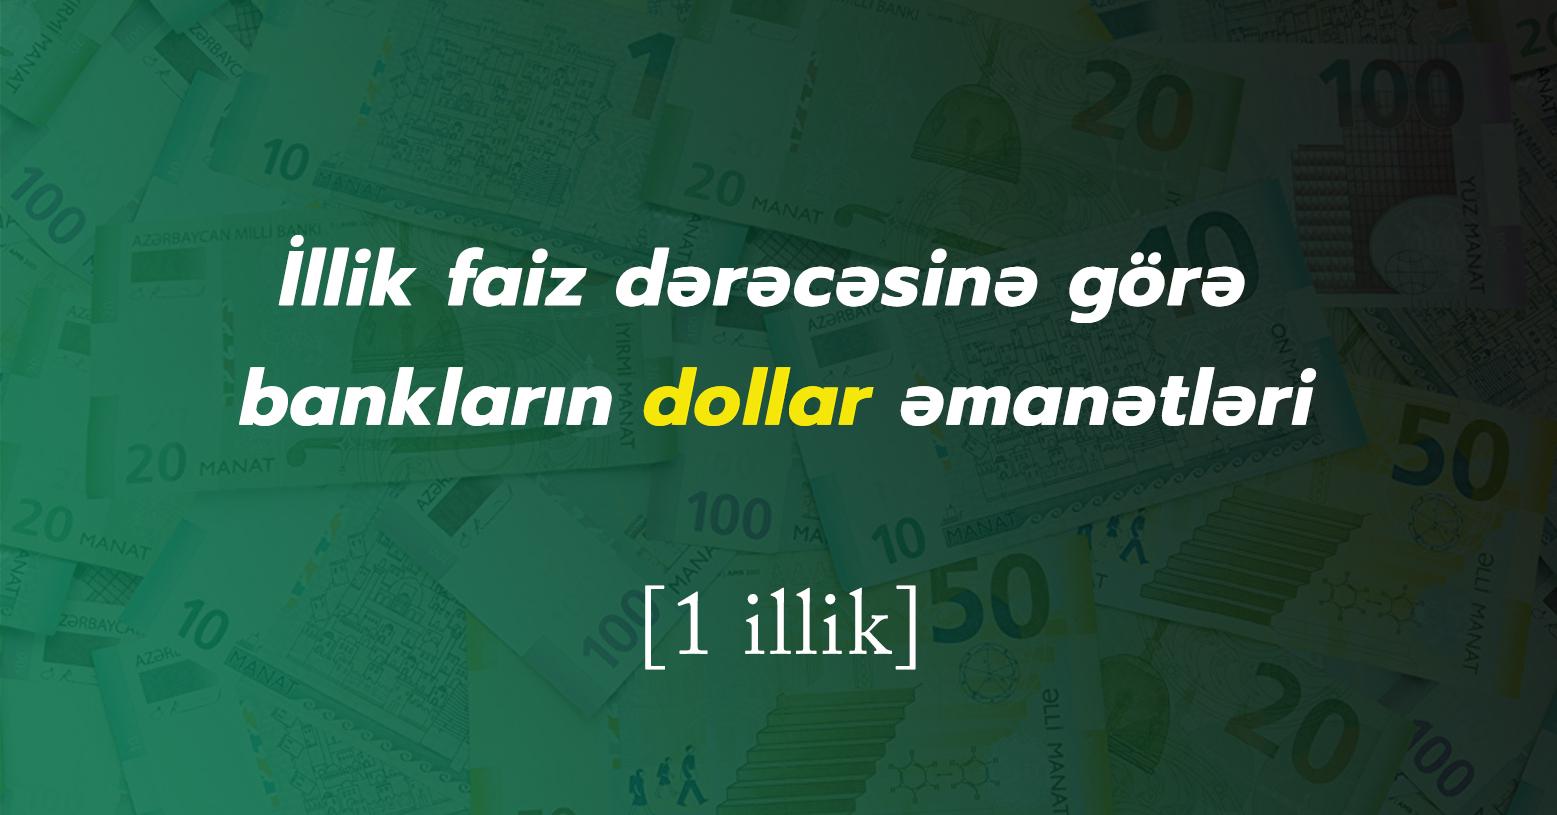 Dollar əmanəti hansı banklarda daha sərfəlidir? - Noyabr 2020